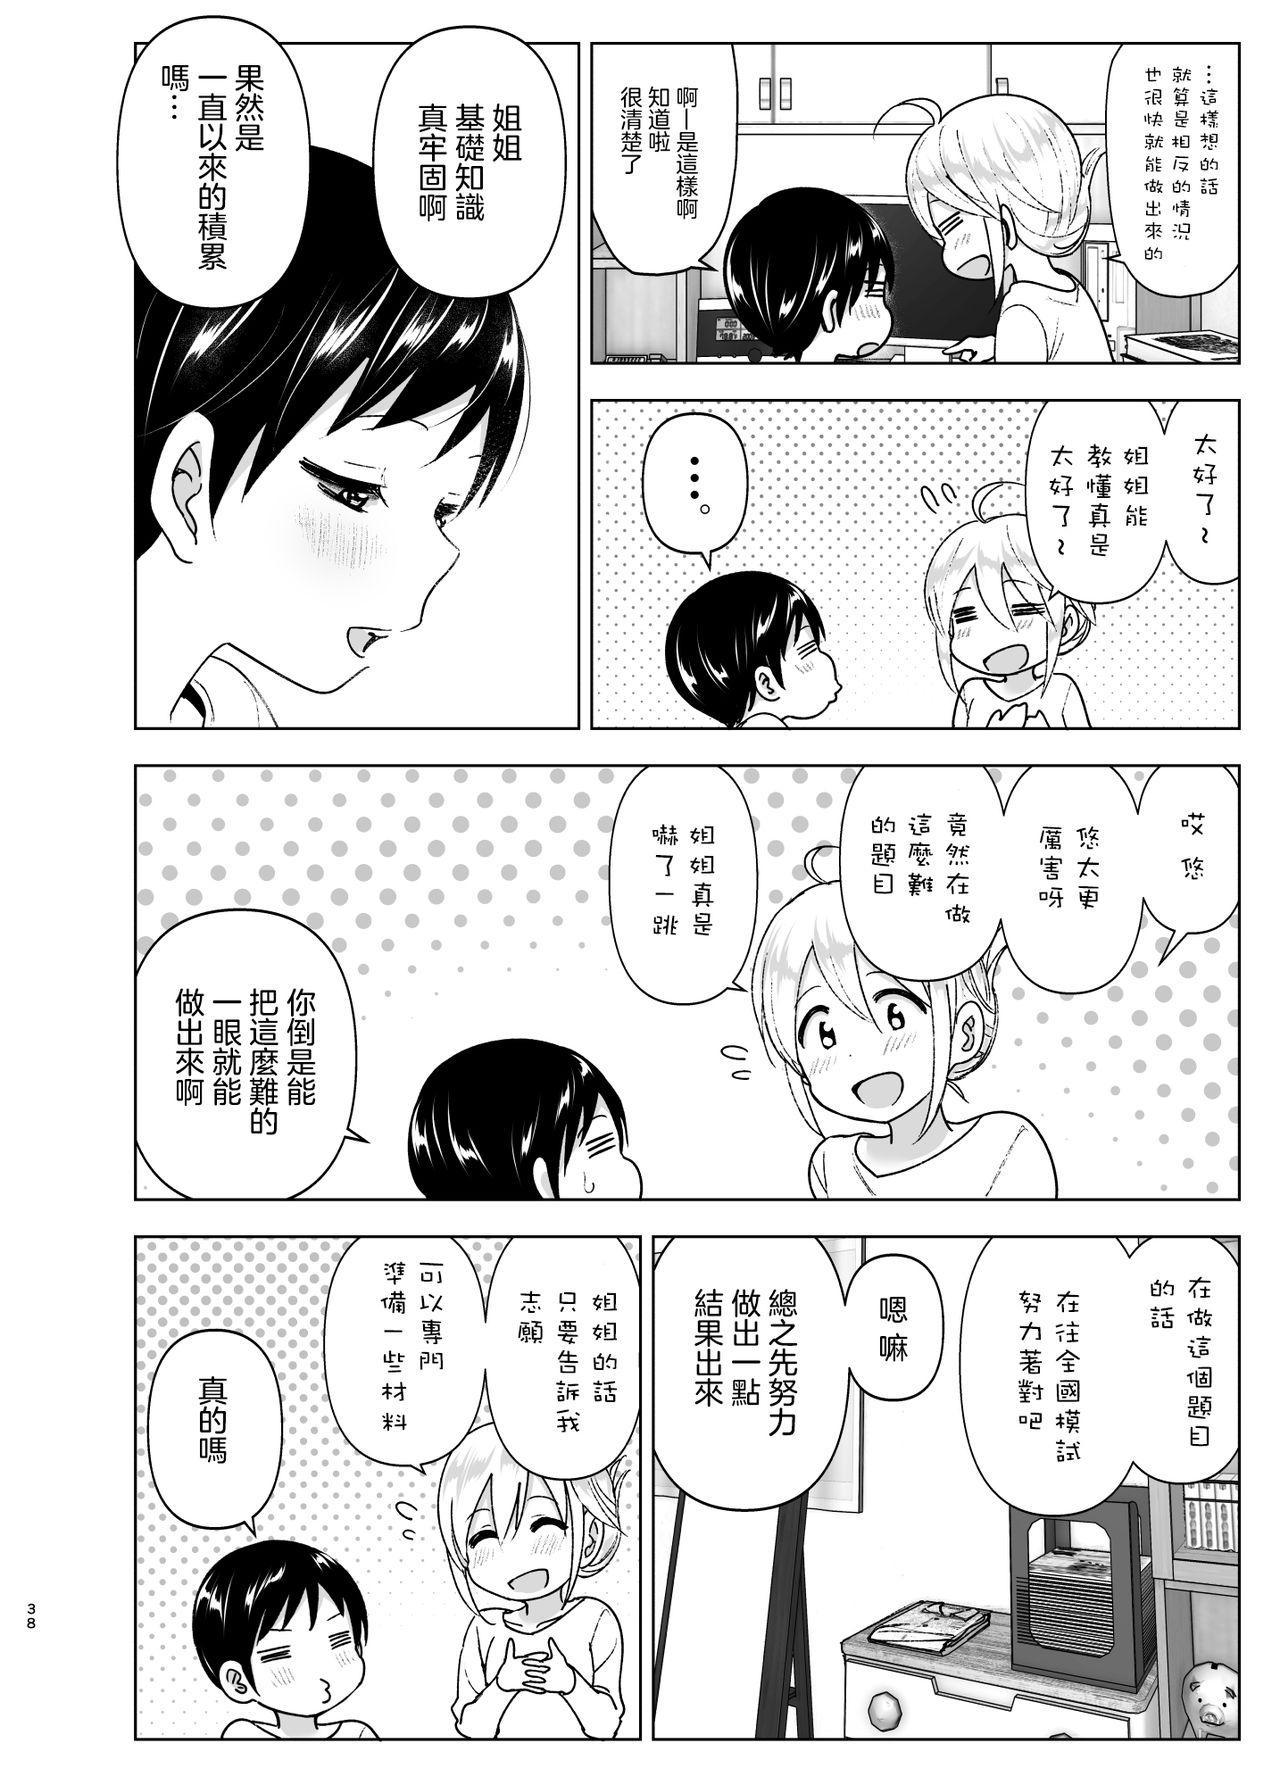 Mukashi wa Kakko Yokatta 2 37